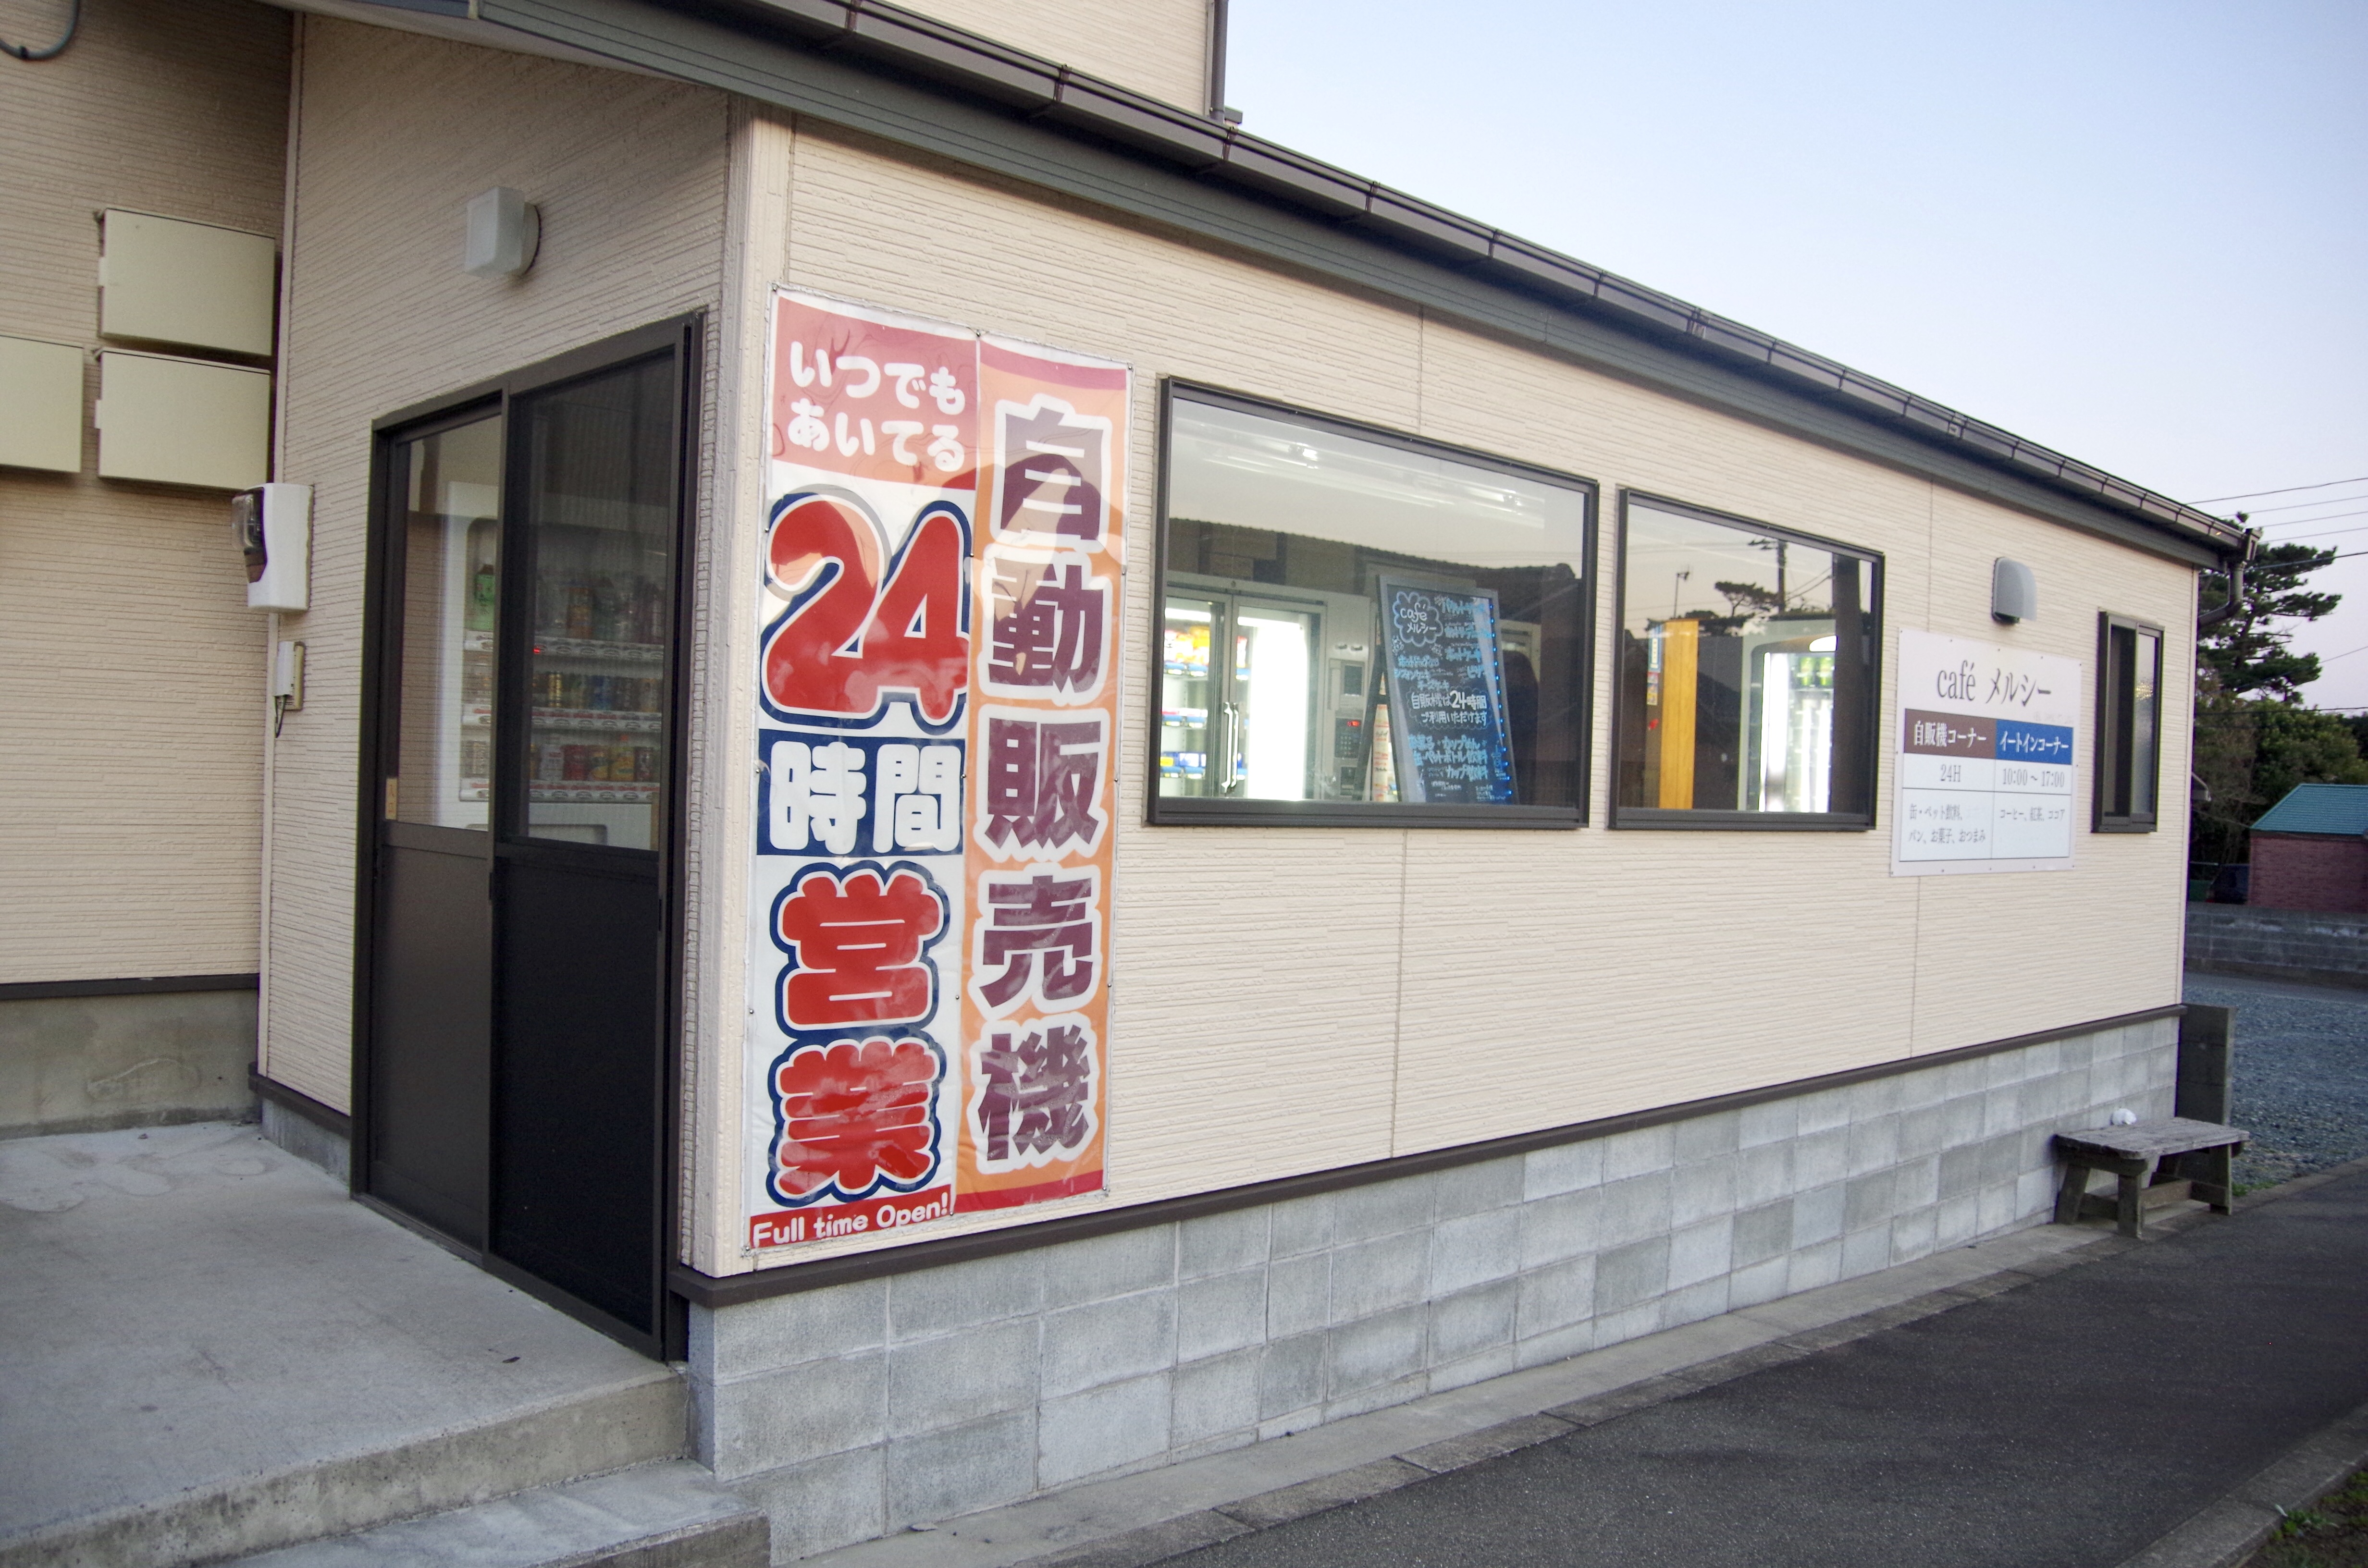 【伊豆大島】に24時間営業のお店があった!?